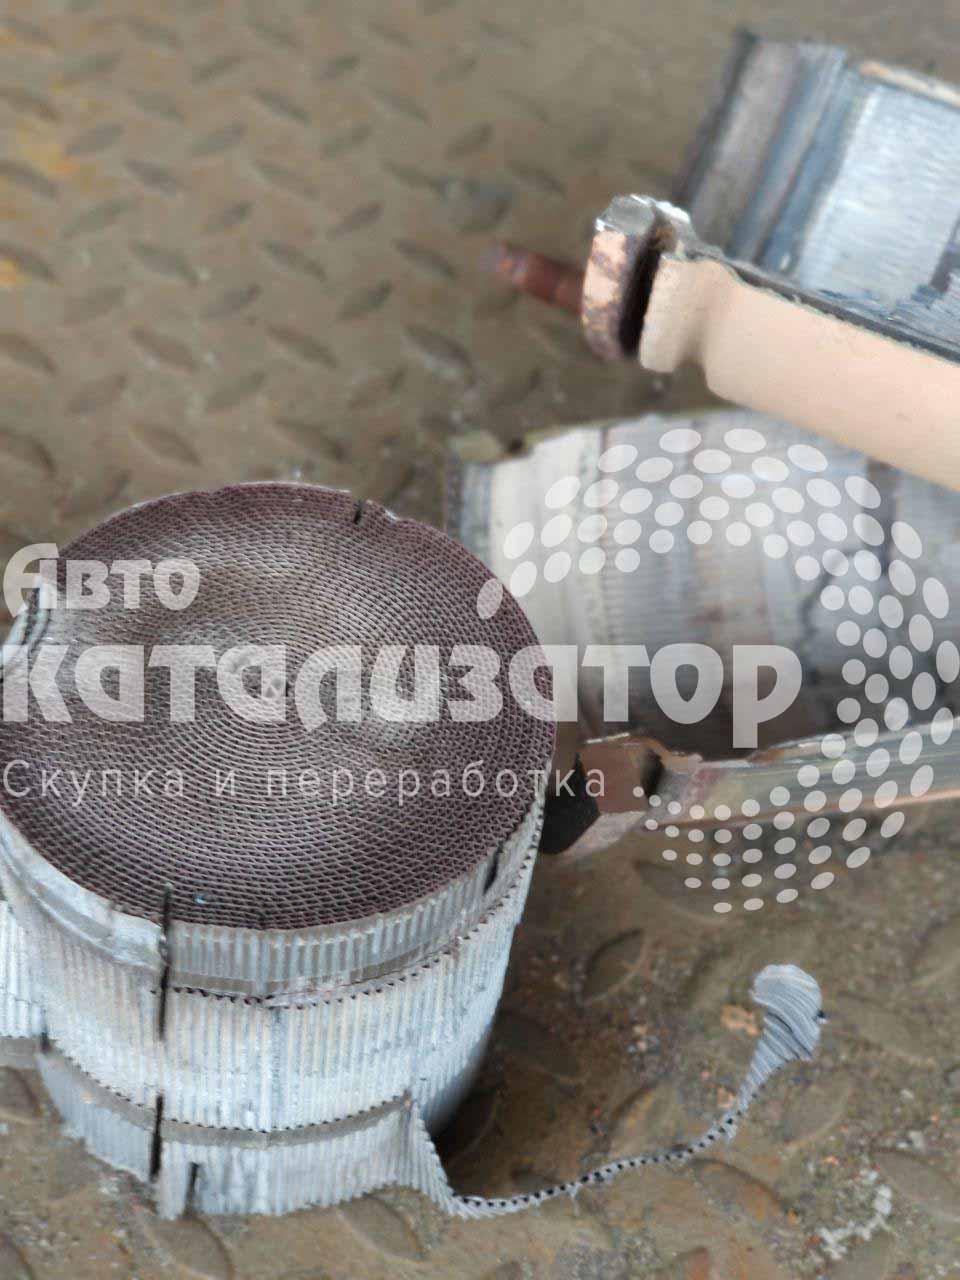 Металлические катализаторы в железном корпусе после того как его достали из железного корпуса